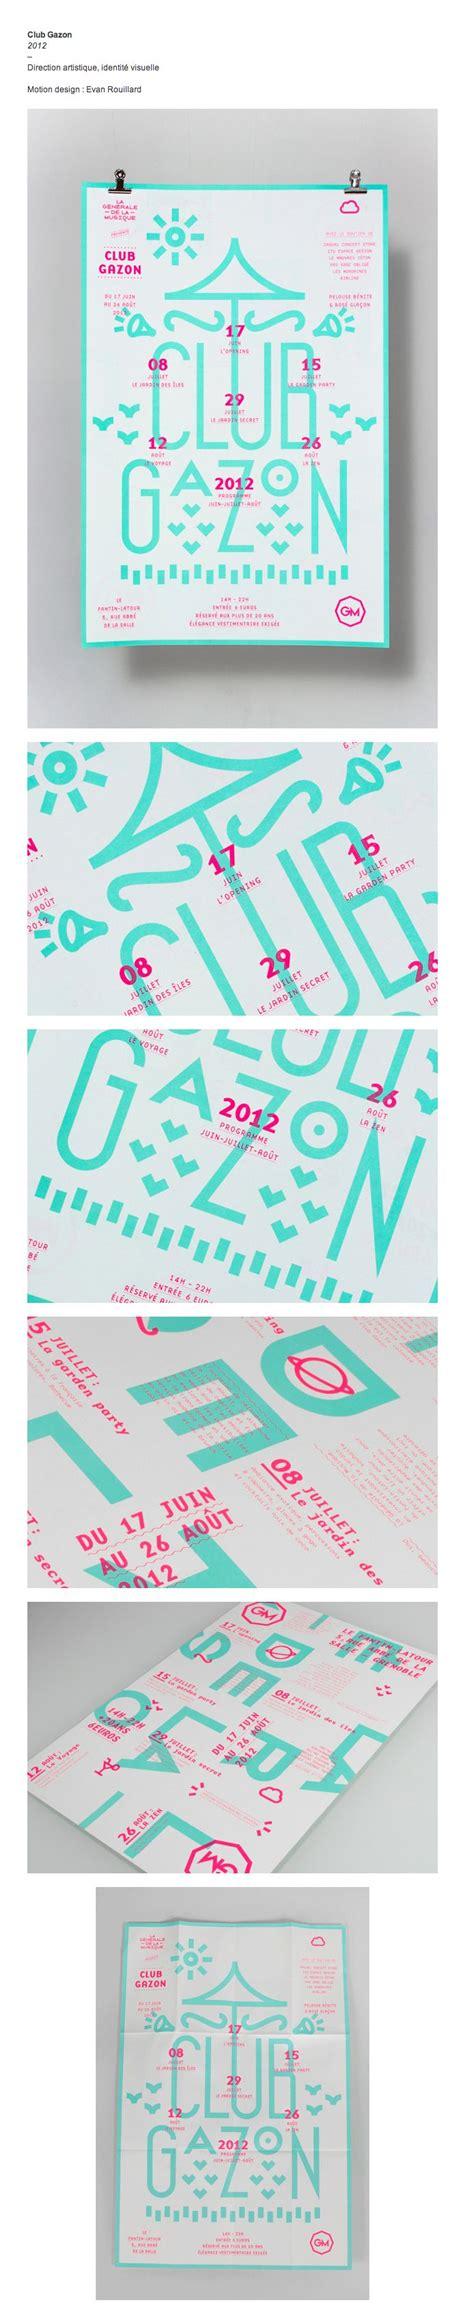 pinterest text layout best 25 text layout ideas on pinterest editorial layout